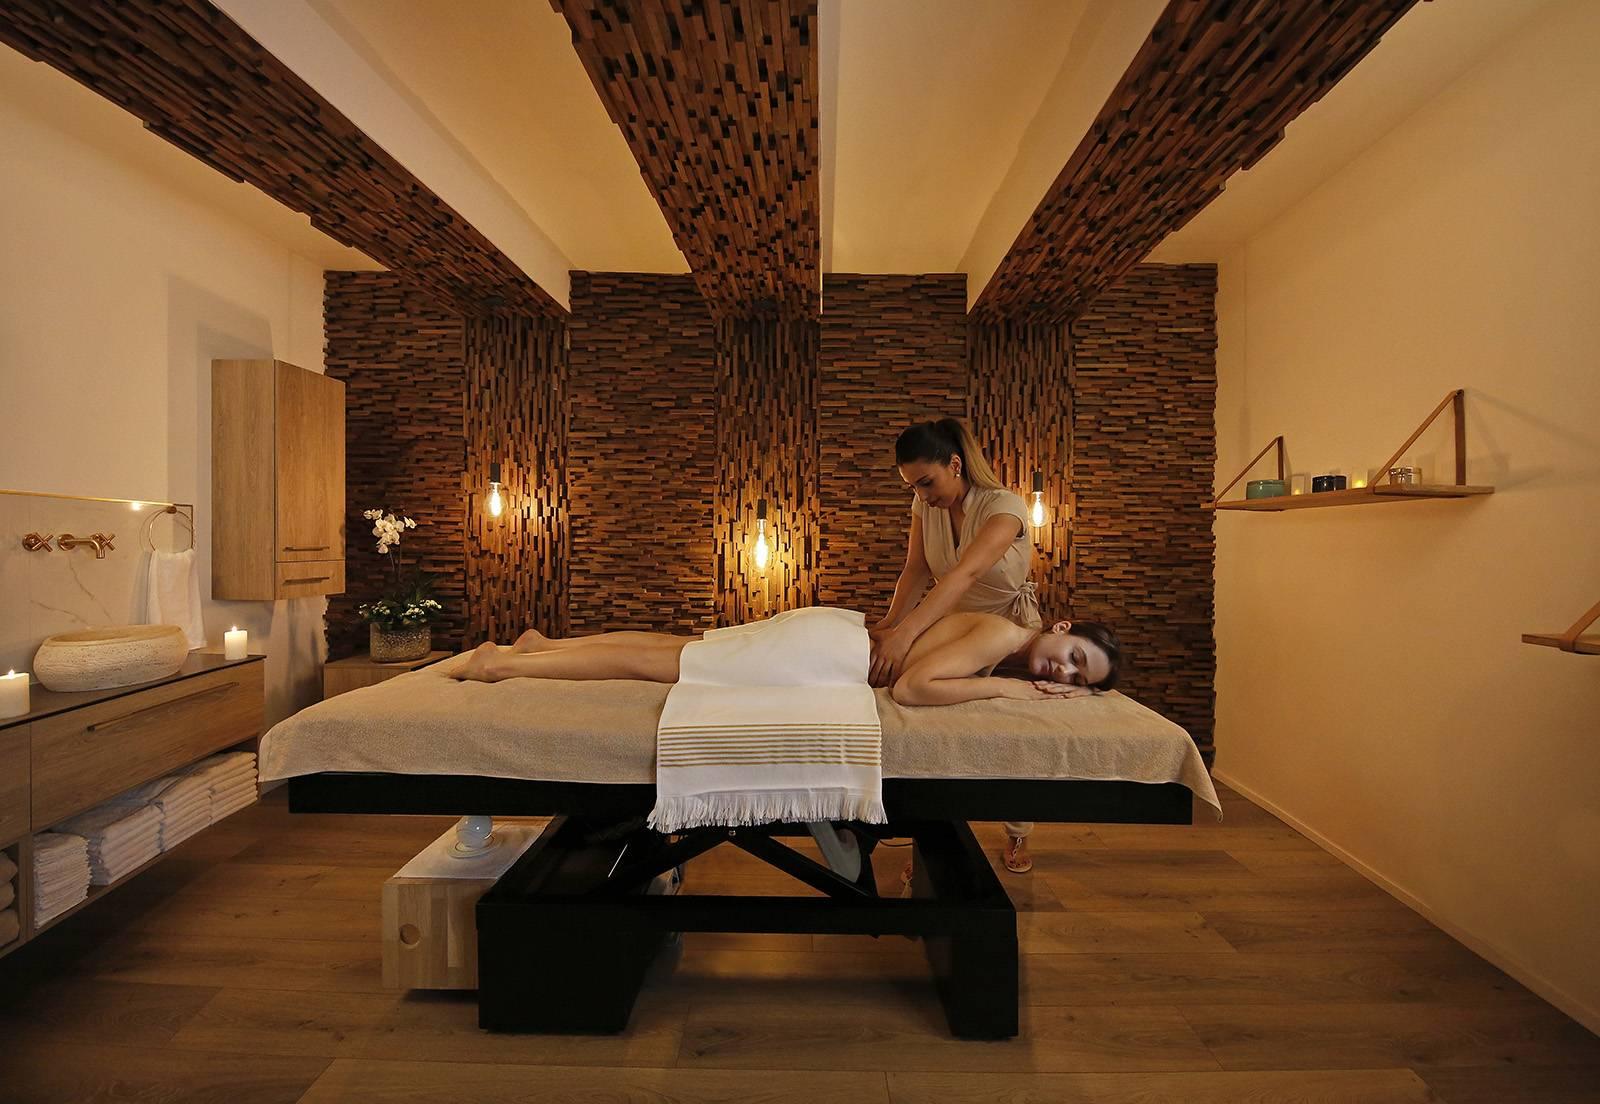 Spa pour un centre de bien tre sur mesure dans un h tel aix en provence edenspa - Salon massage aix en provence ...